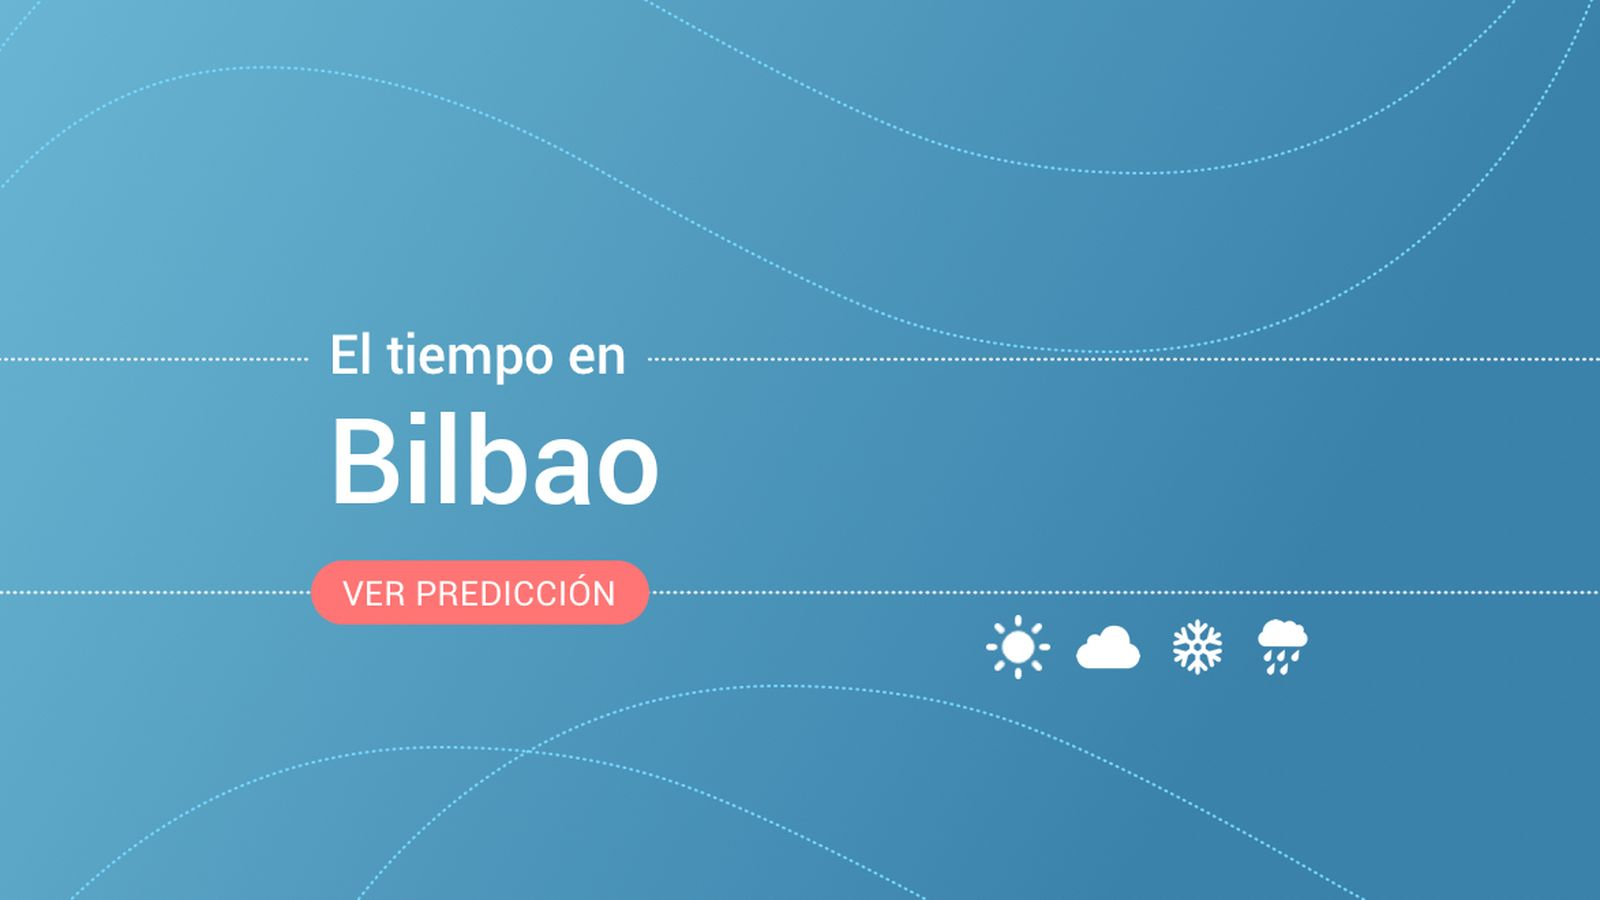 Foto: El tiempo en Bilbao. (EC)